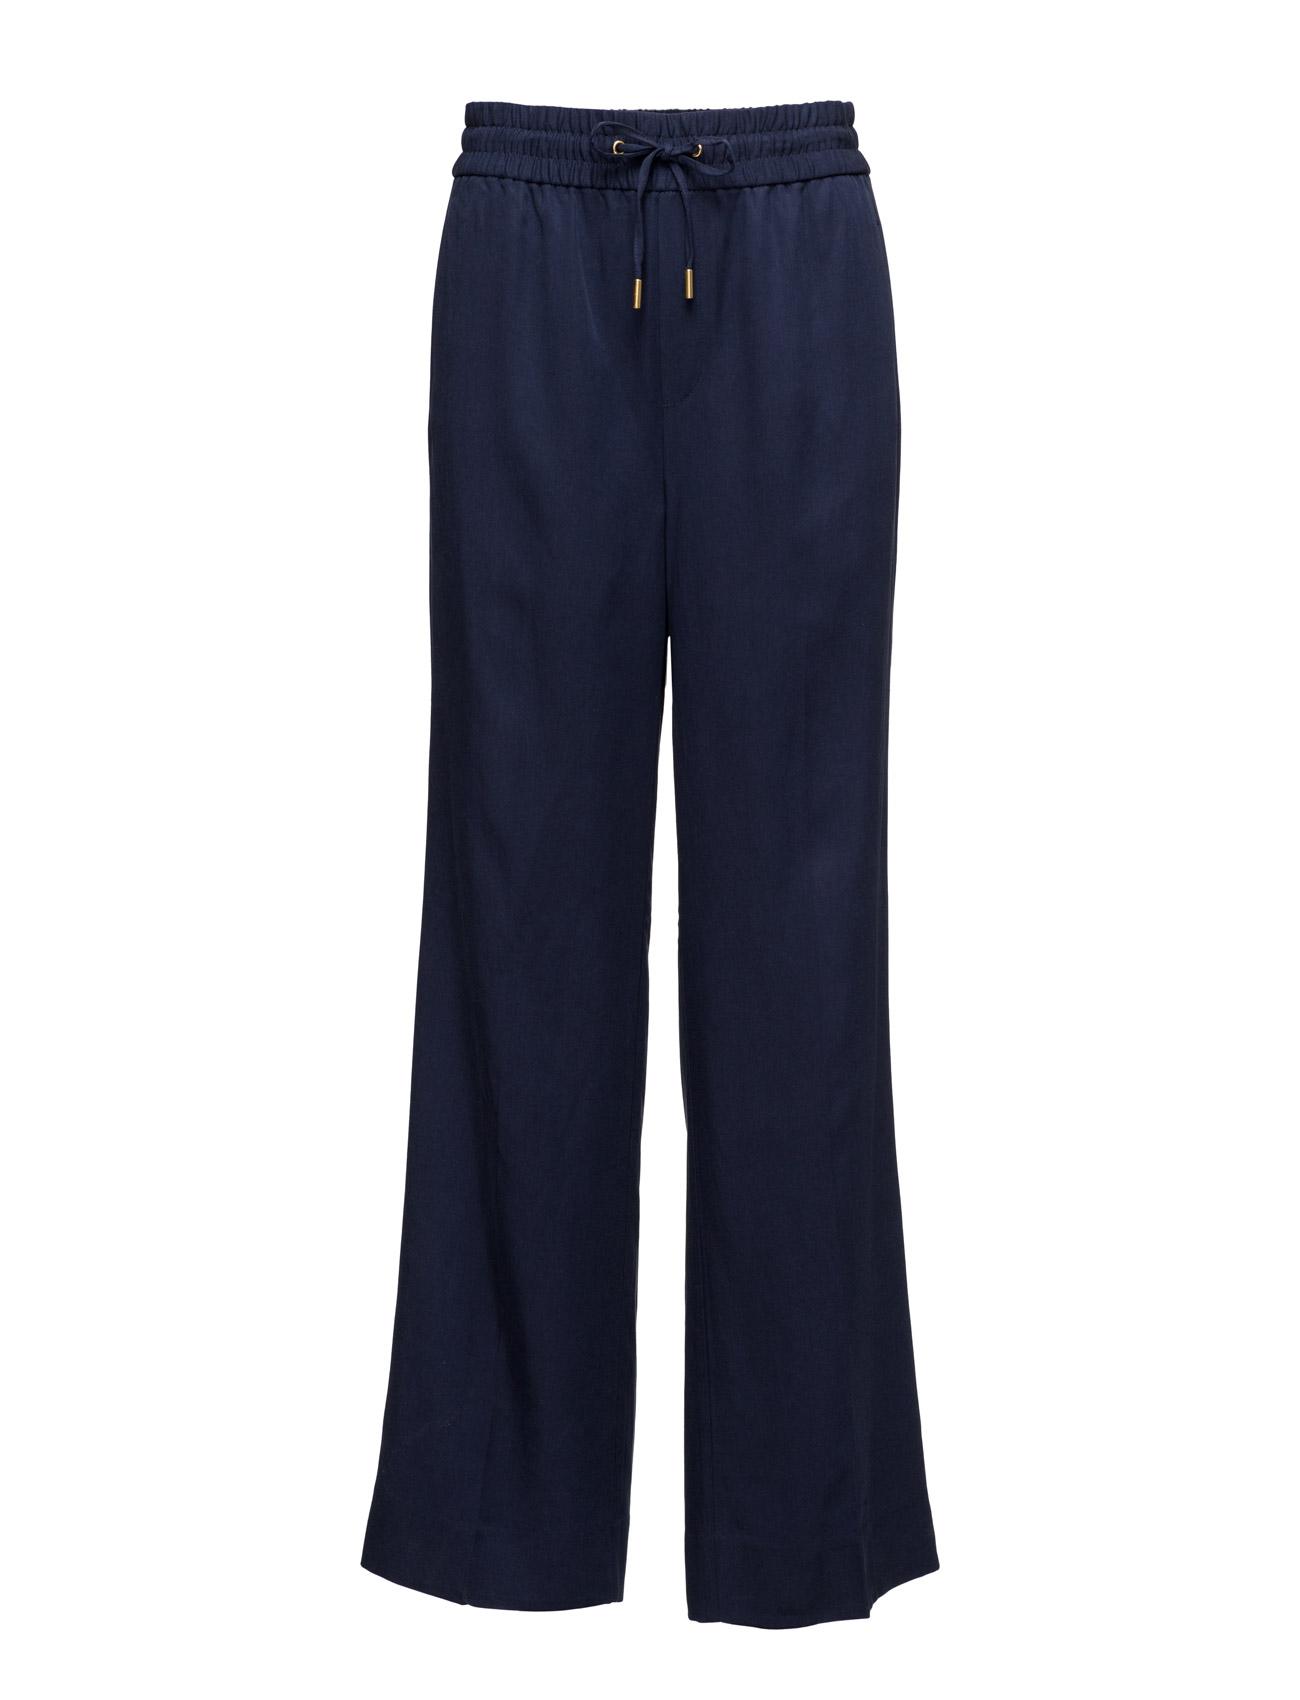 Zeta Long Pant Hw InWear Trompetbukser til Damer i Midnight blå